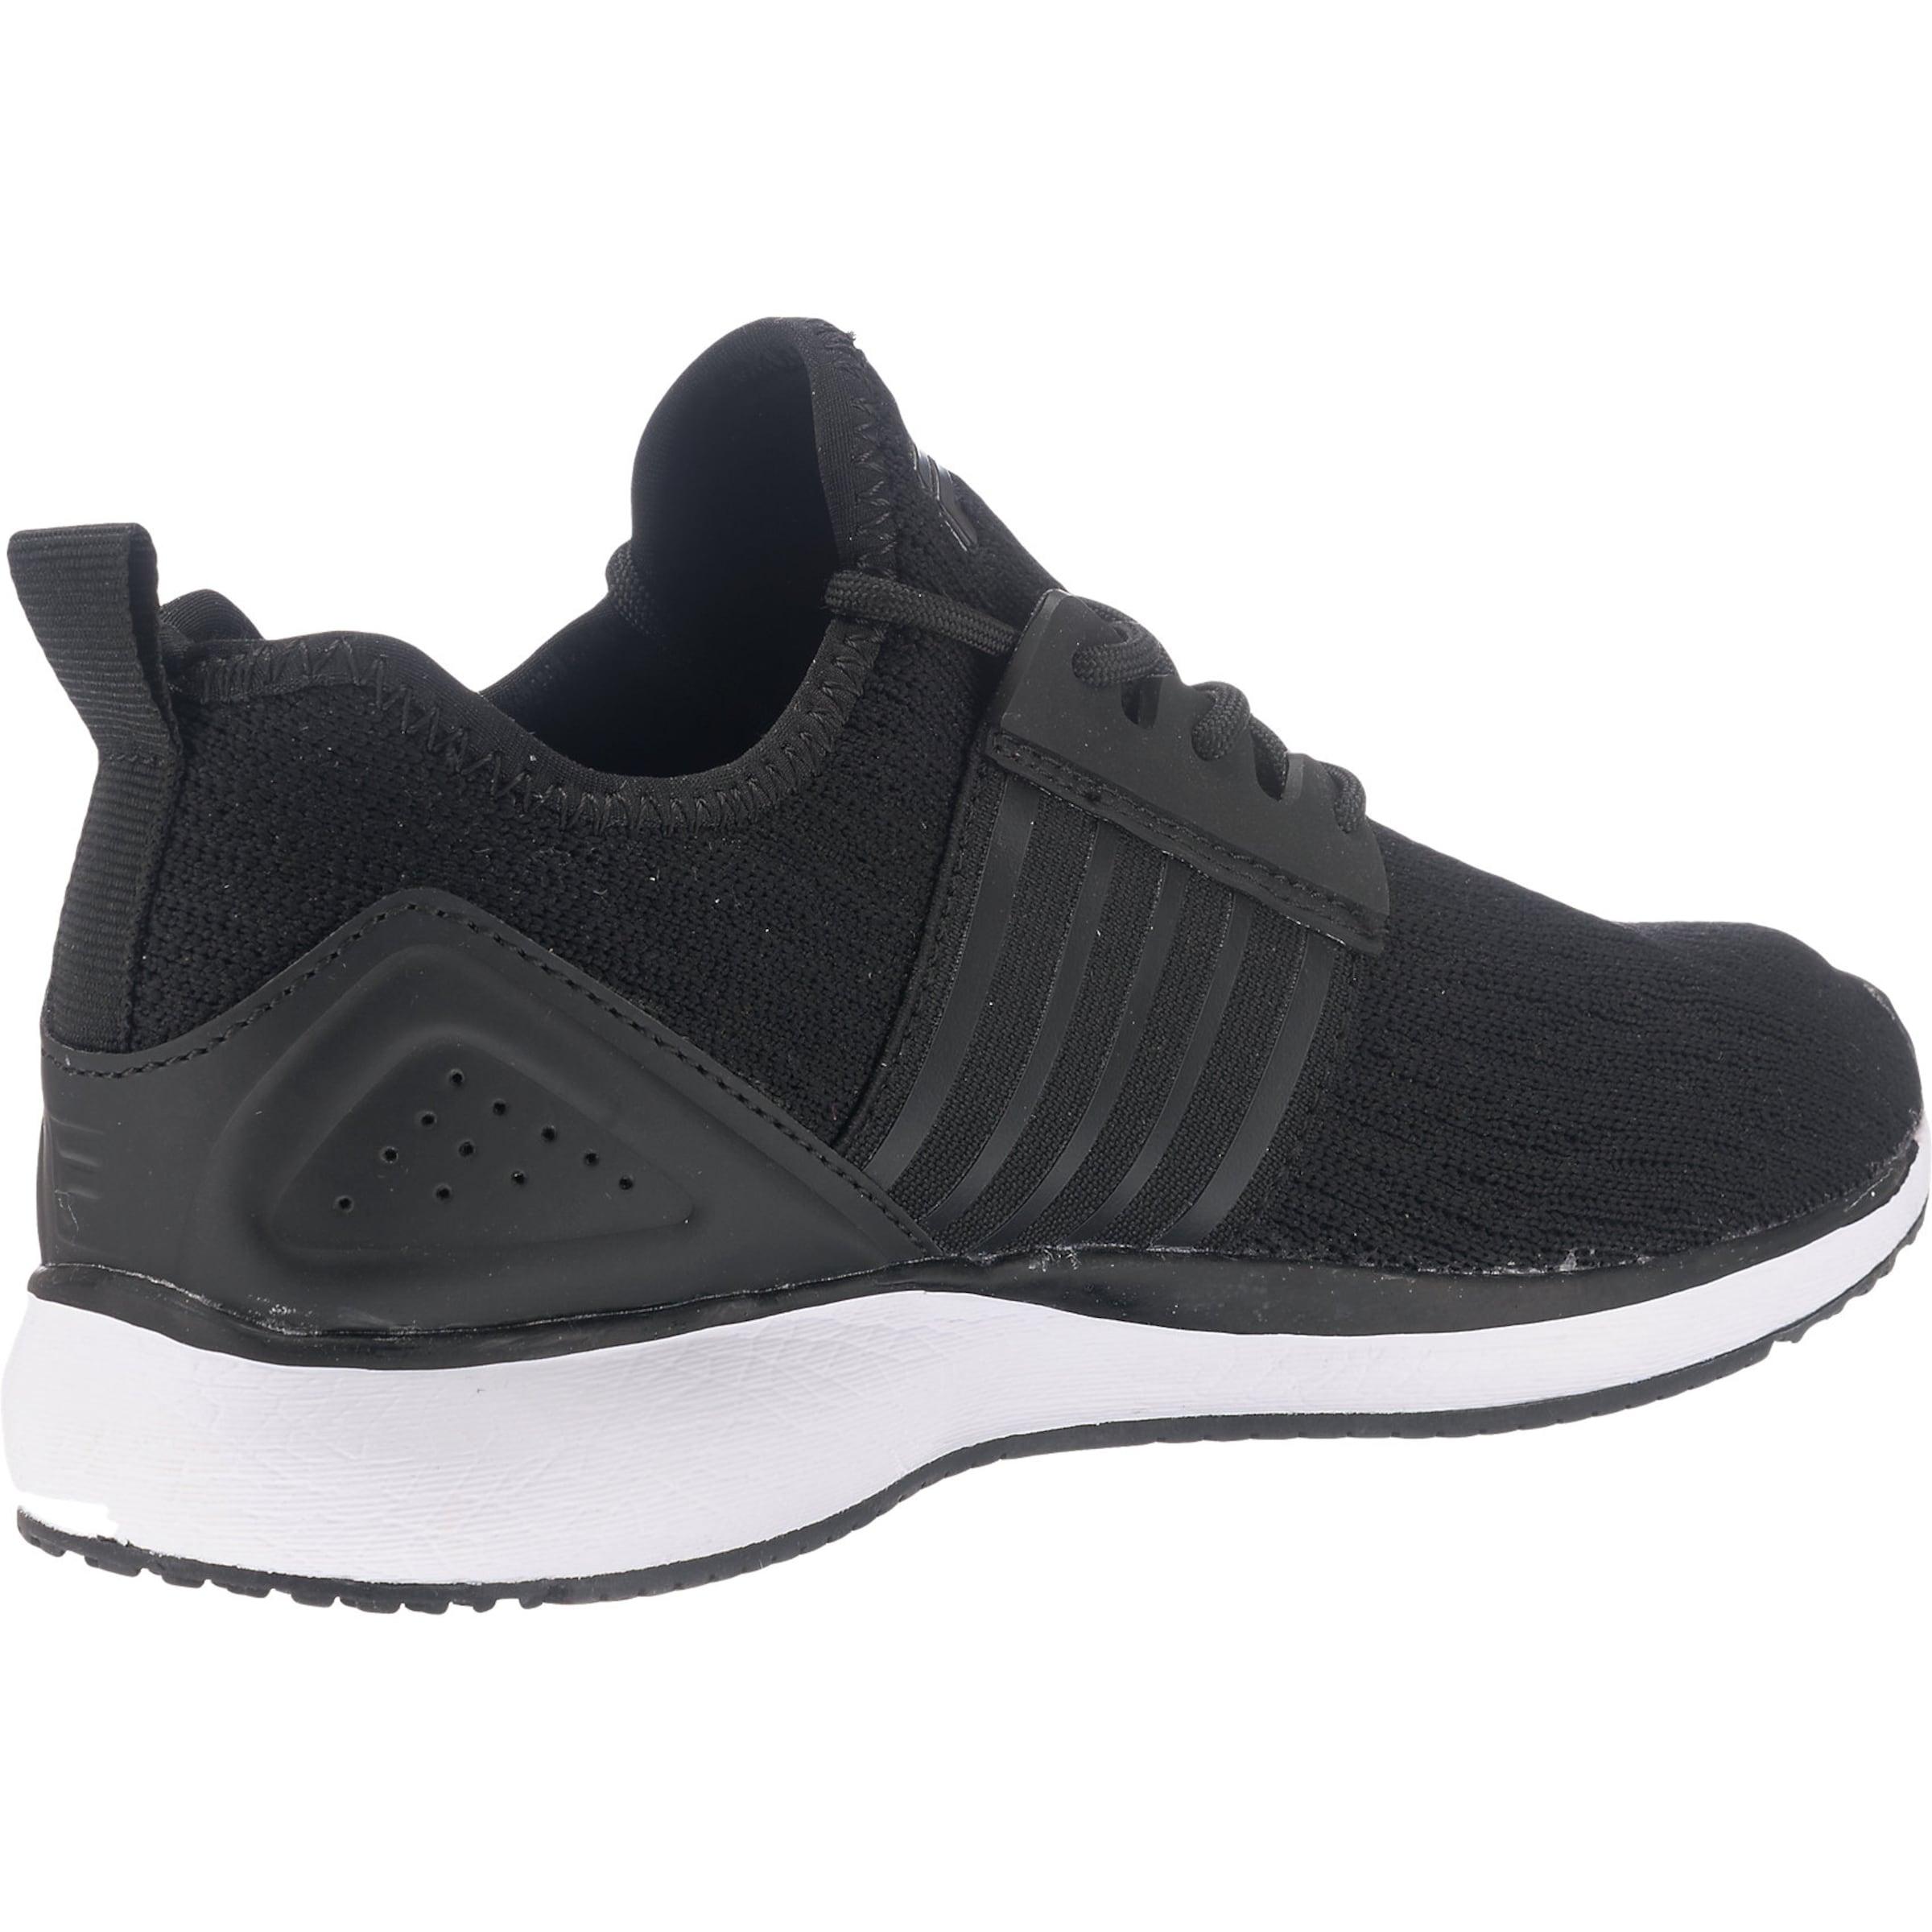 Sneakers Control Control K K Sneakers FILA FILA FILA Control qr48qTn